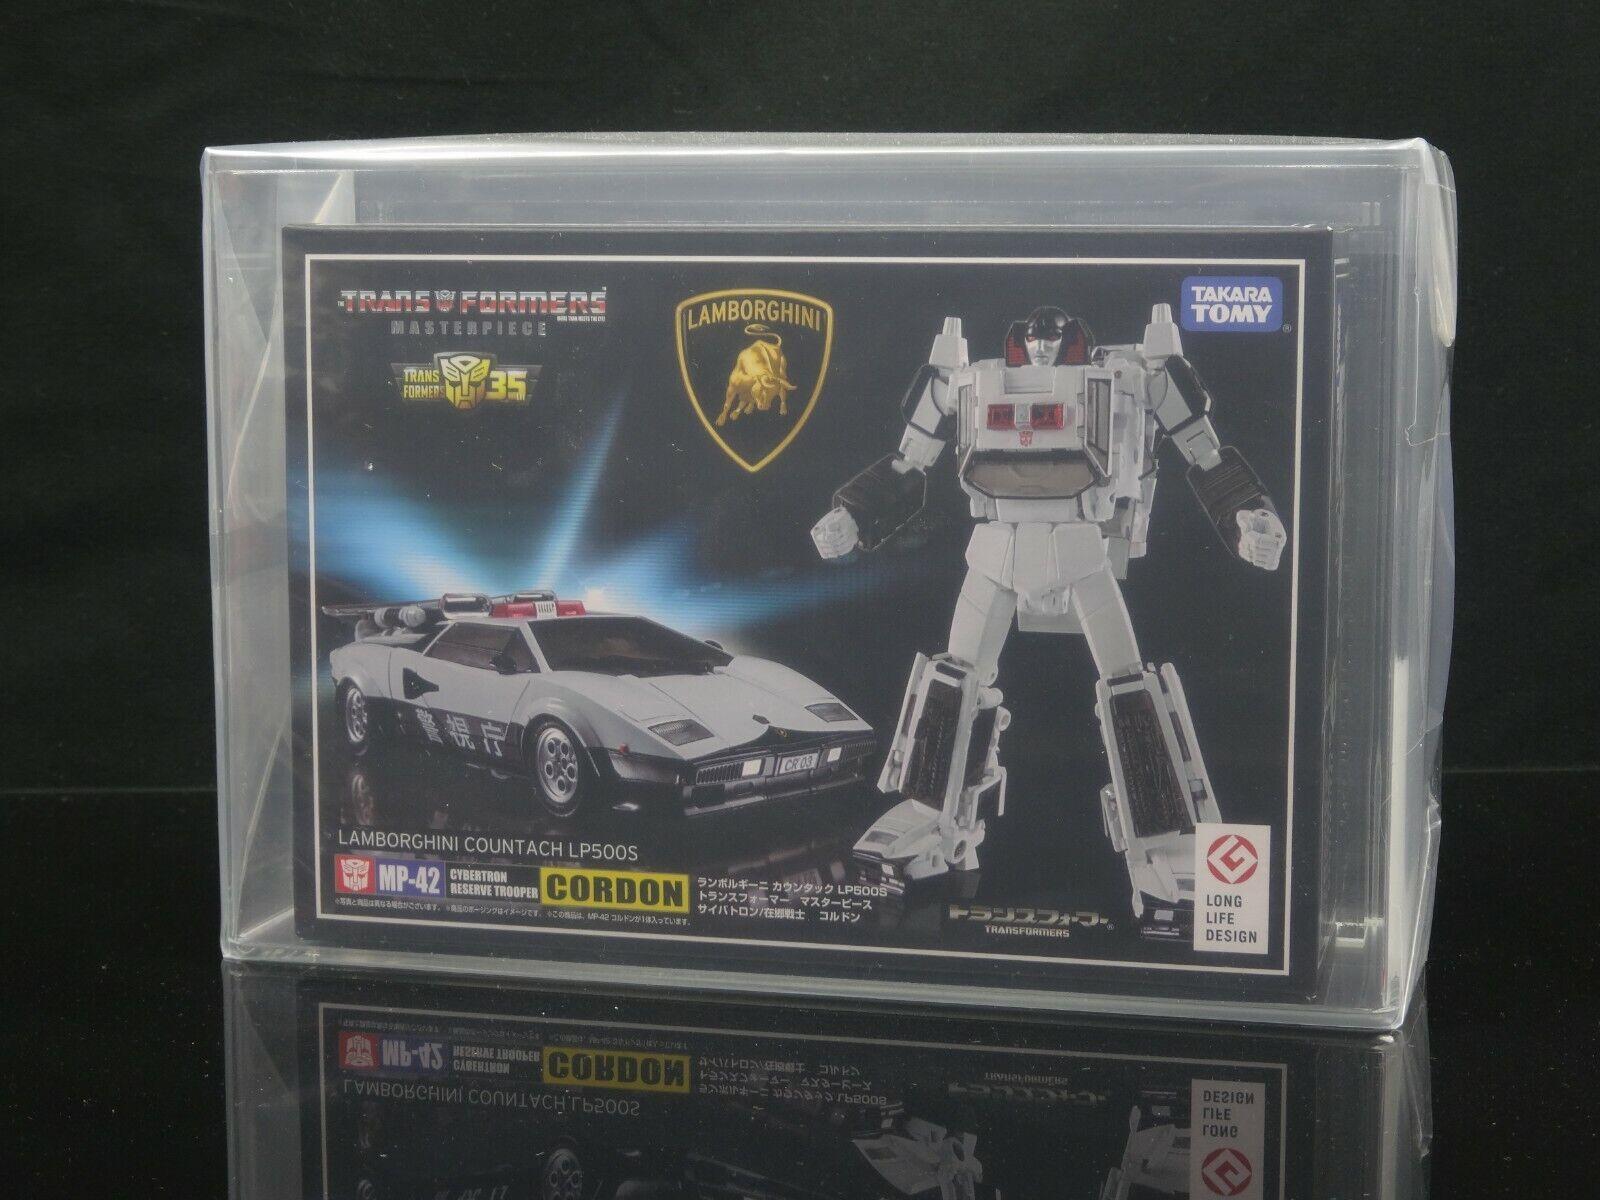 seguro de calidad Transformers MP-42 MP-42 MP-42 Cordon [85] - Takara Masterpiece AFA  promociones emocionantes